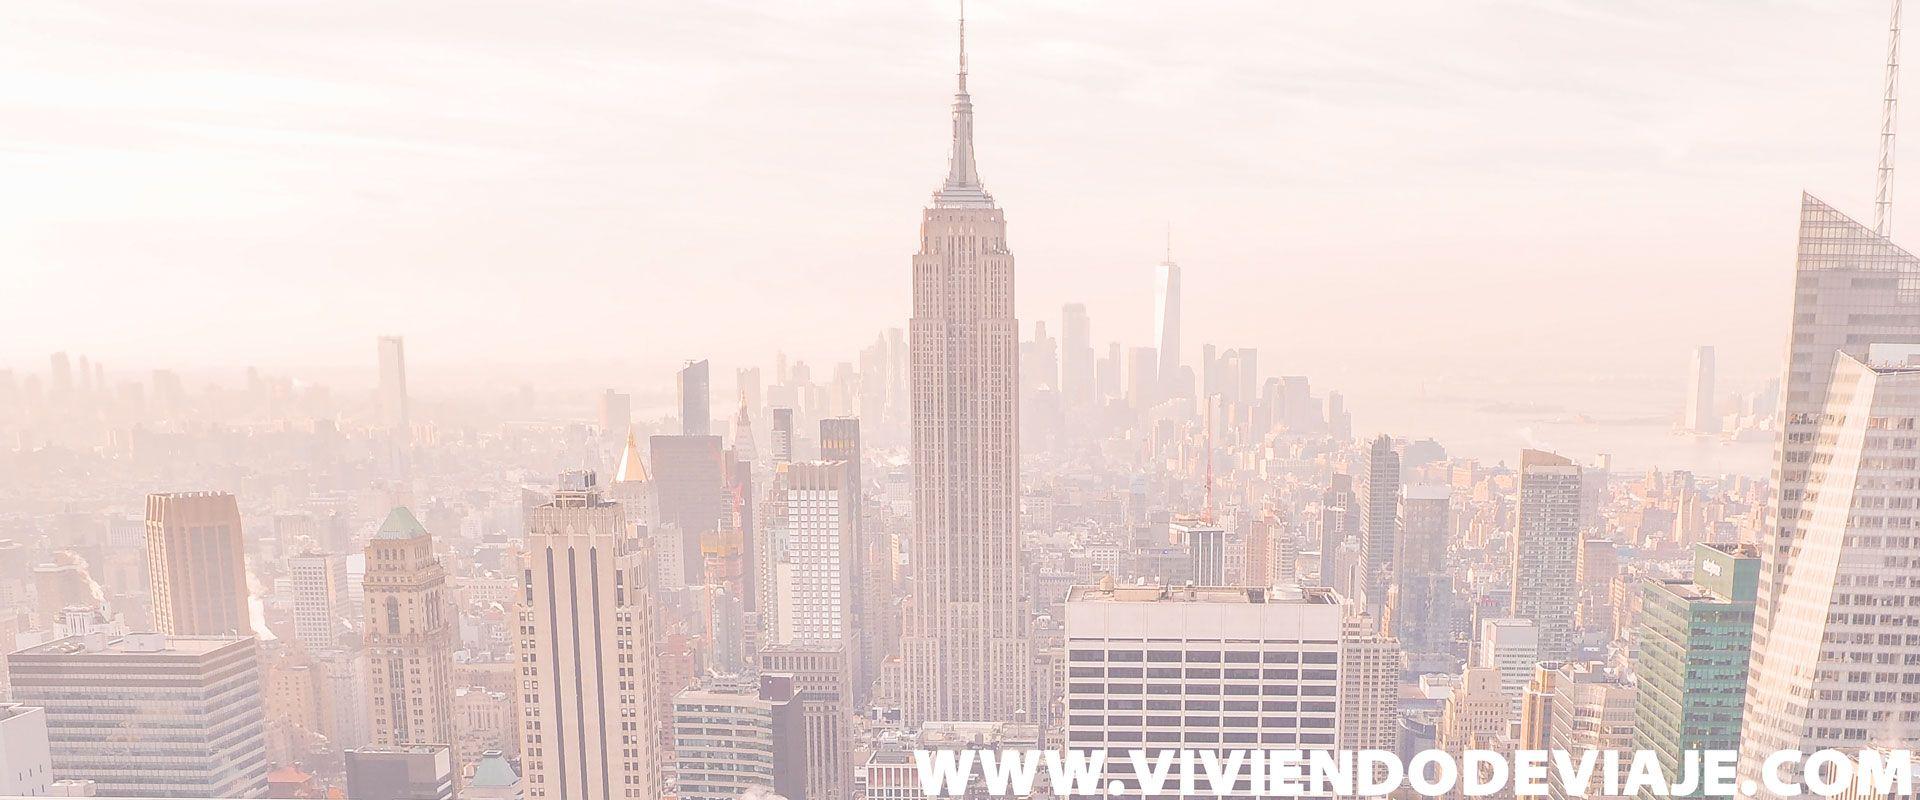 Tarjetas turísticas en Nueva York - Vistas del Empire State Building